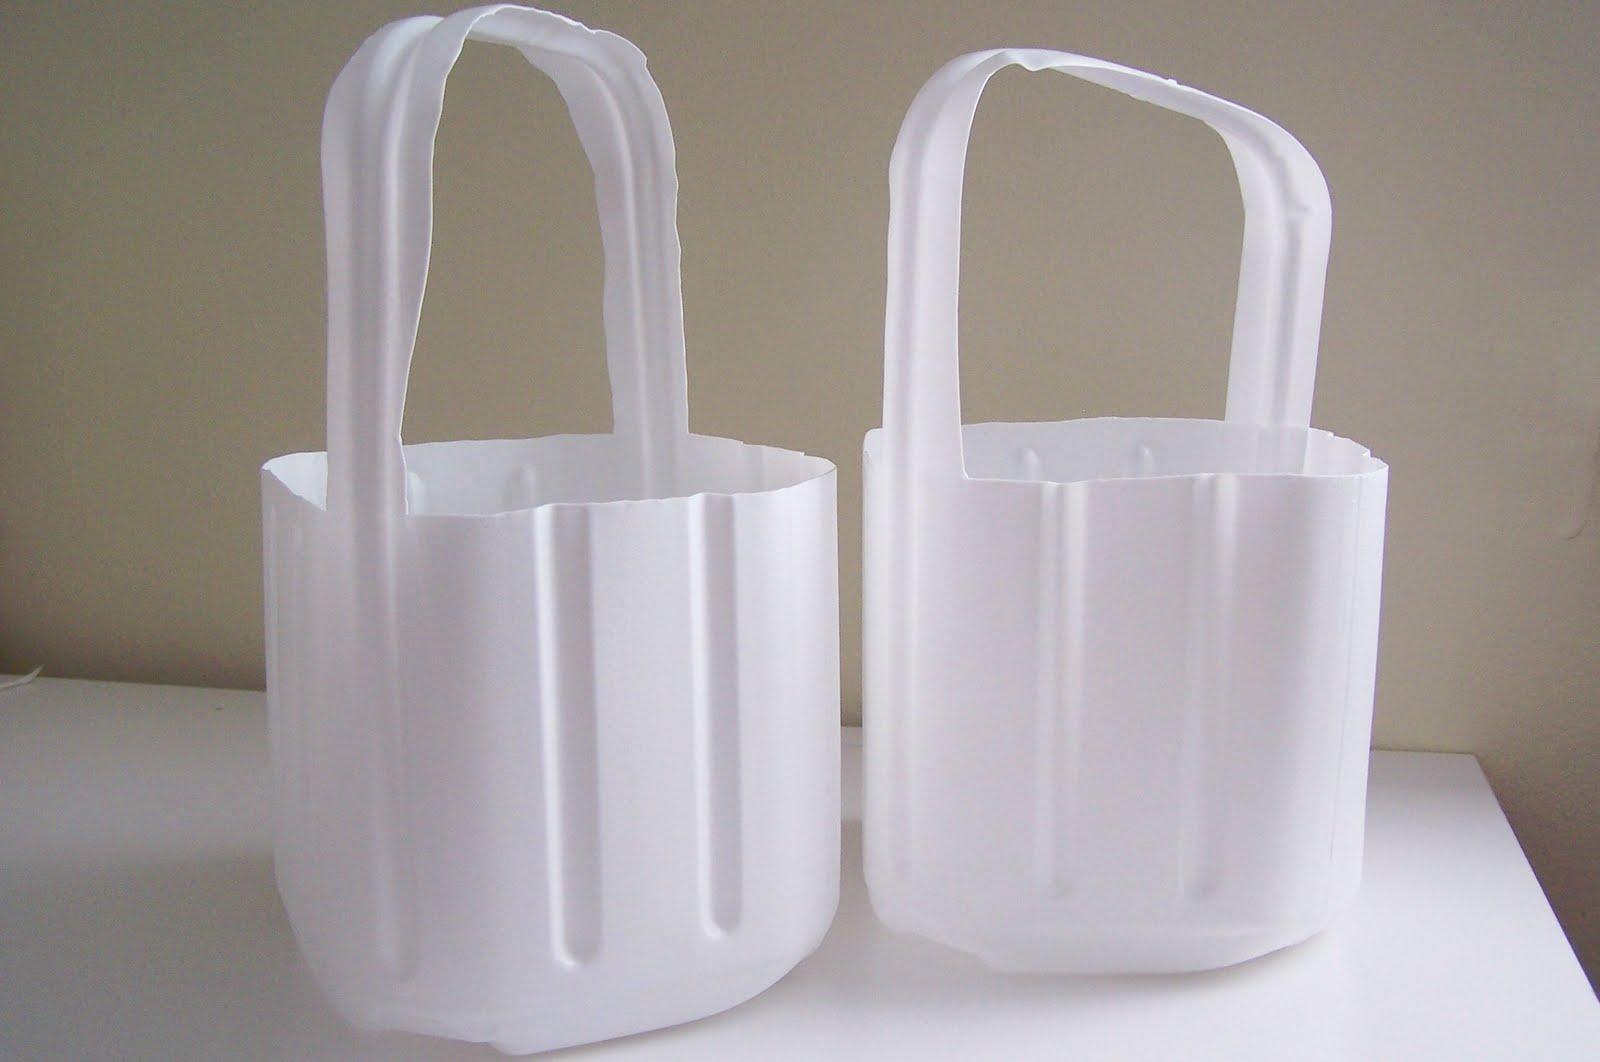 Repurpose relove repurposed milk jug easter baskets repurpose relove negle Image collections